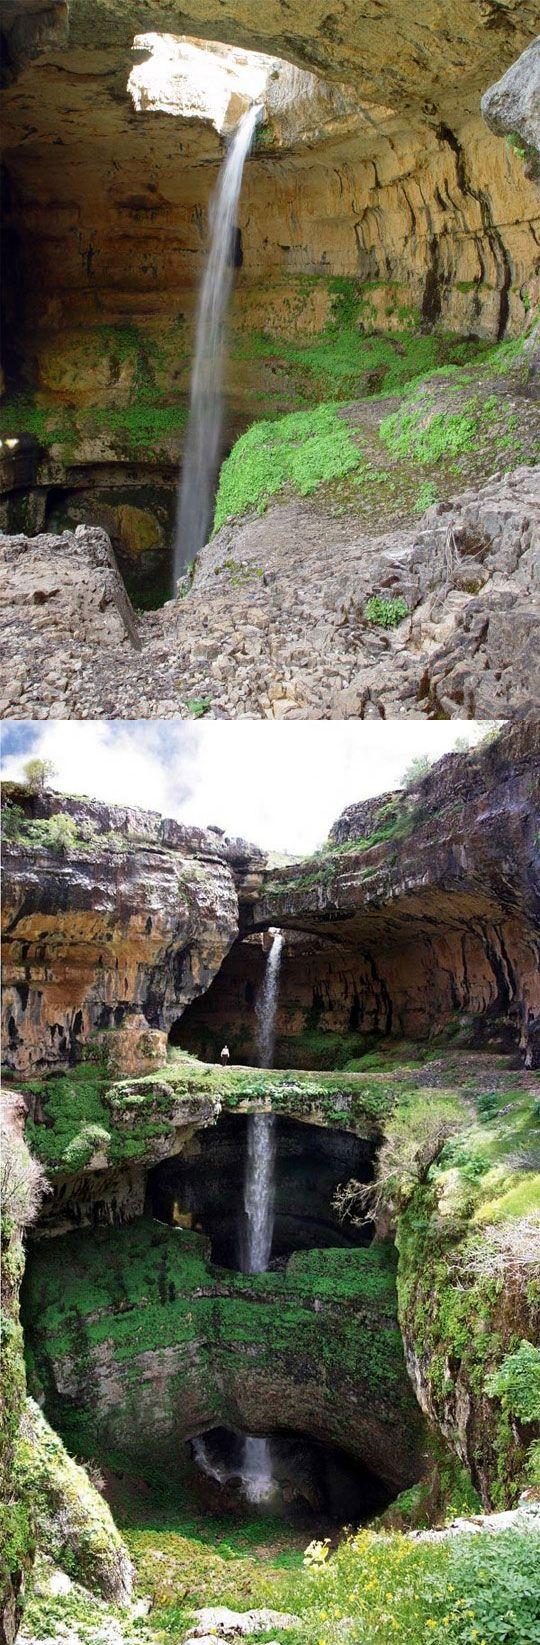 Baatara Waterfall in Lebanon